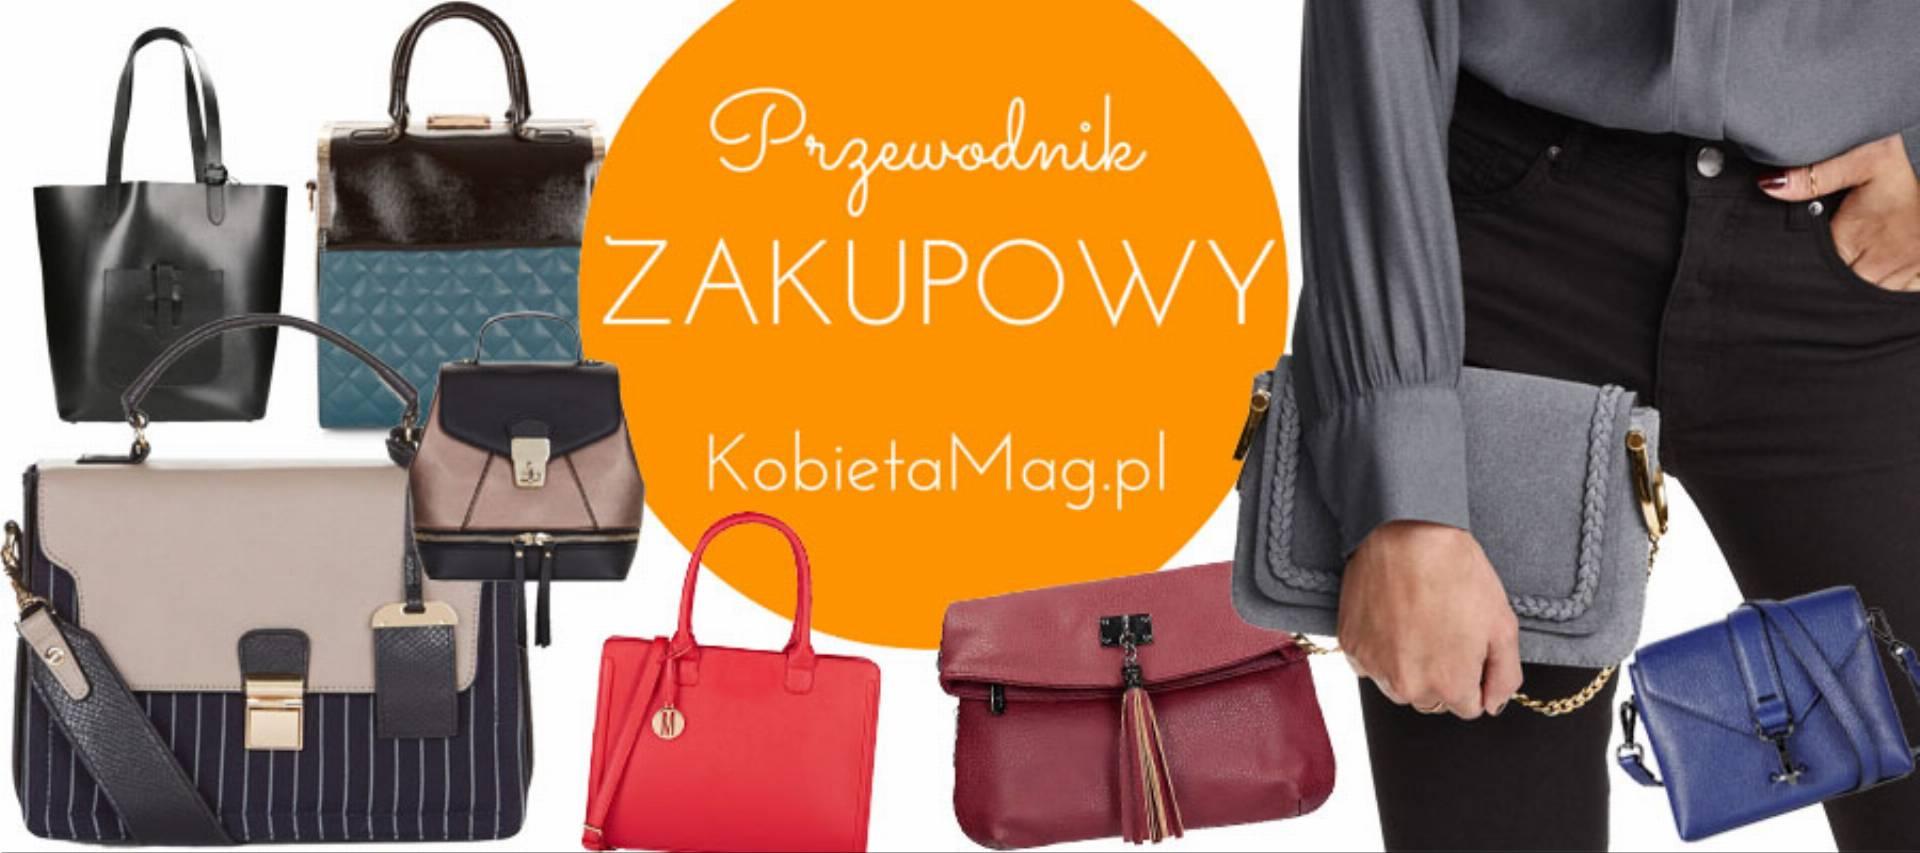 ad1b9d2bdac45 Przewodnik zakupowy  Modne torebki na jesień 2016 - KobietaMag.pl